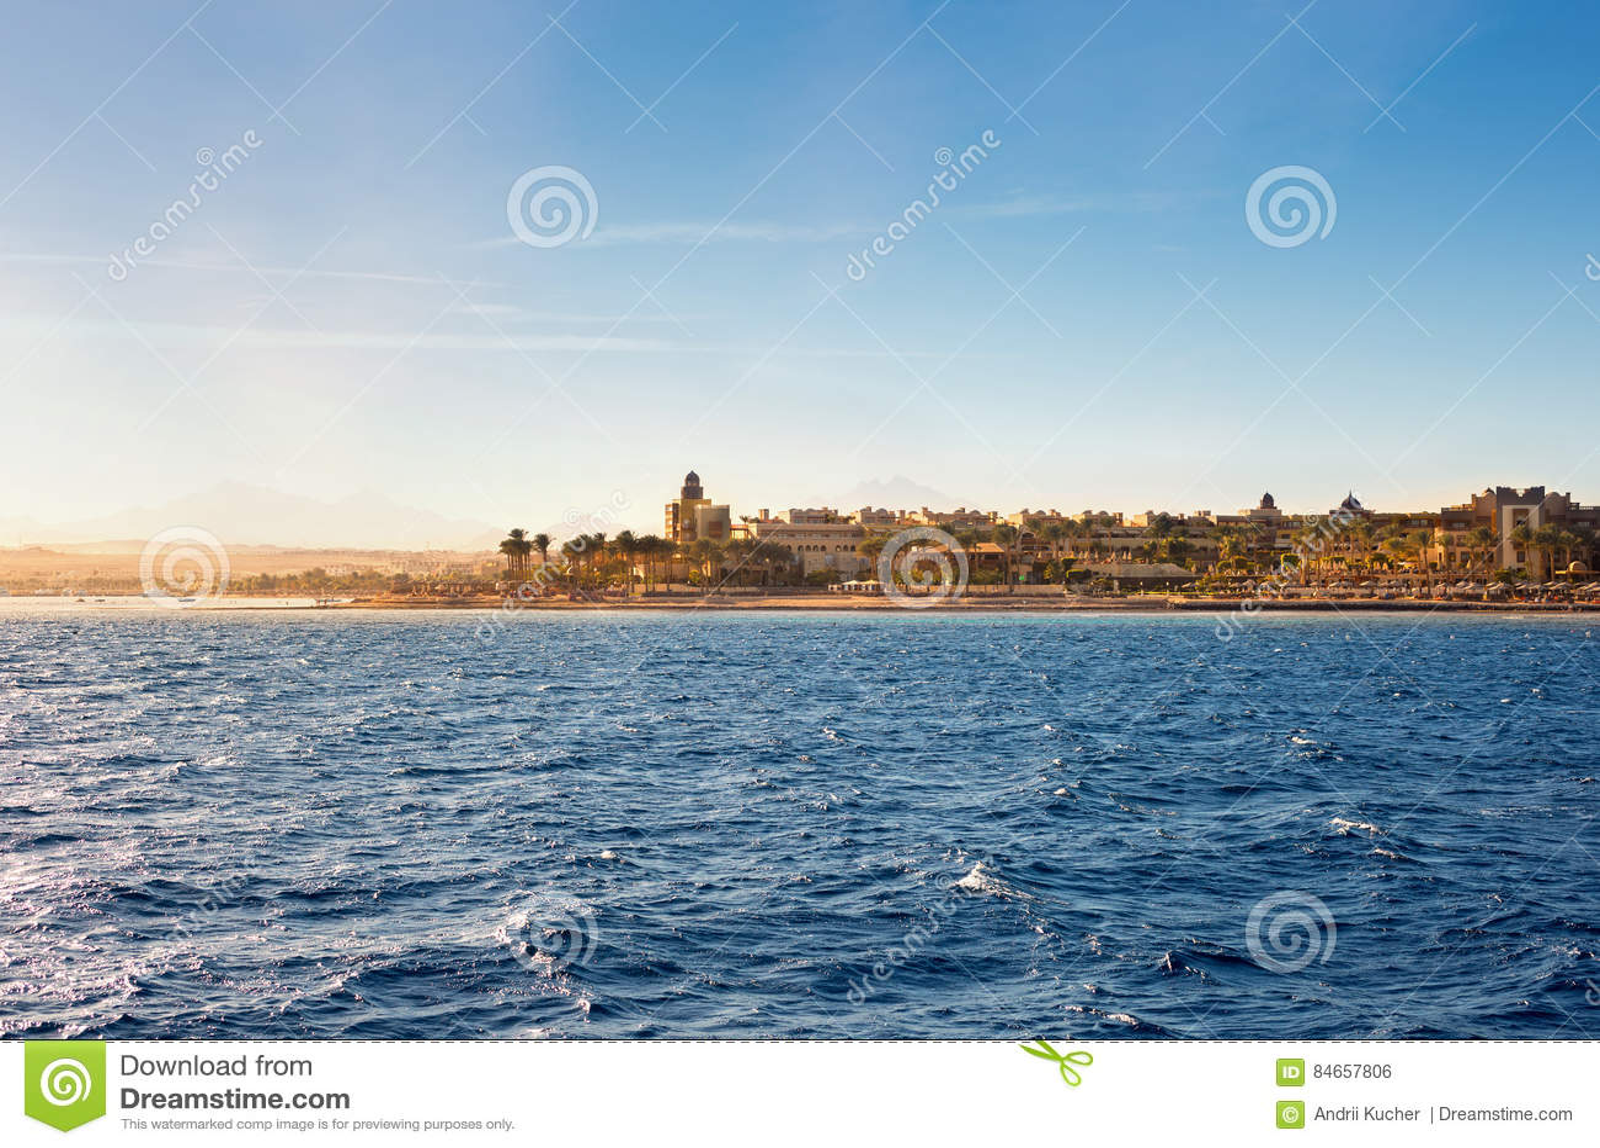 Coastline of Hurghada on the Sunset, Egypt